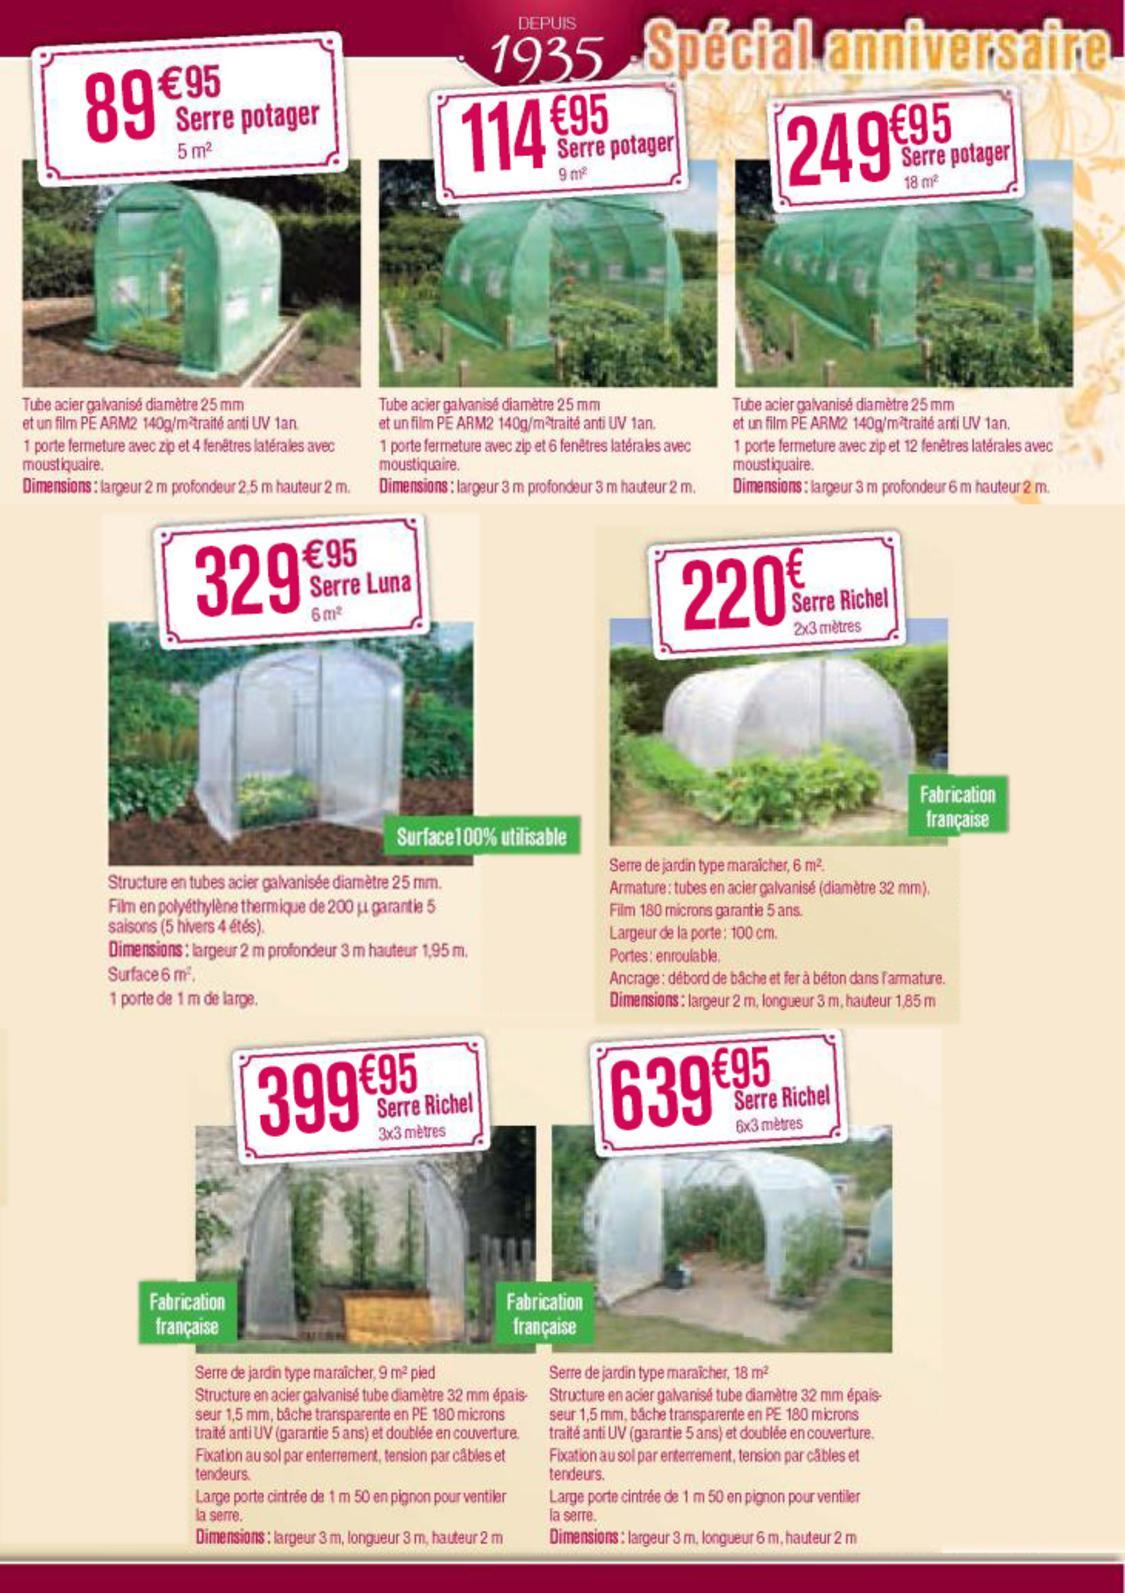 Calaméo - Delbard Varades - Les Serres de jardin